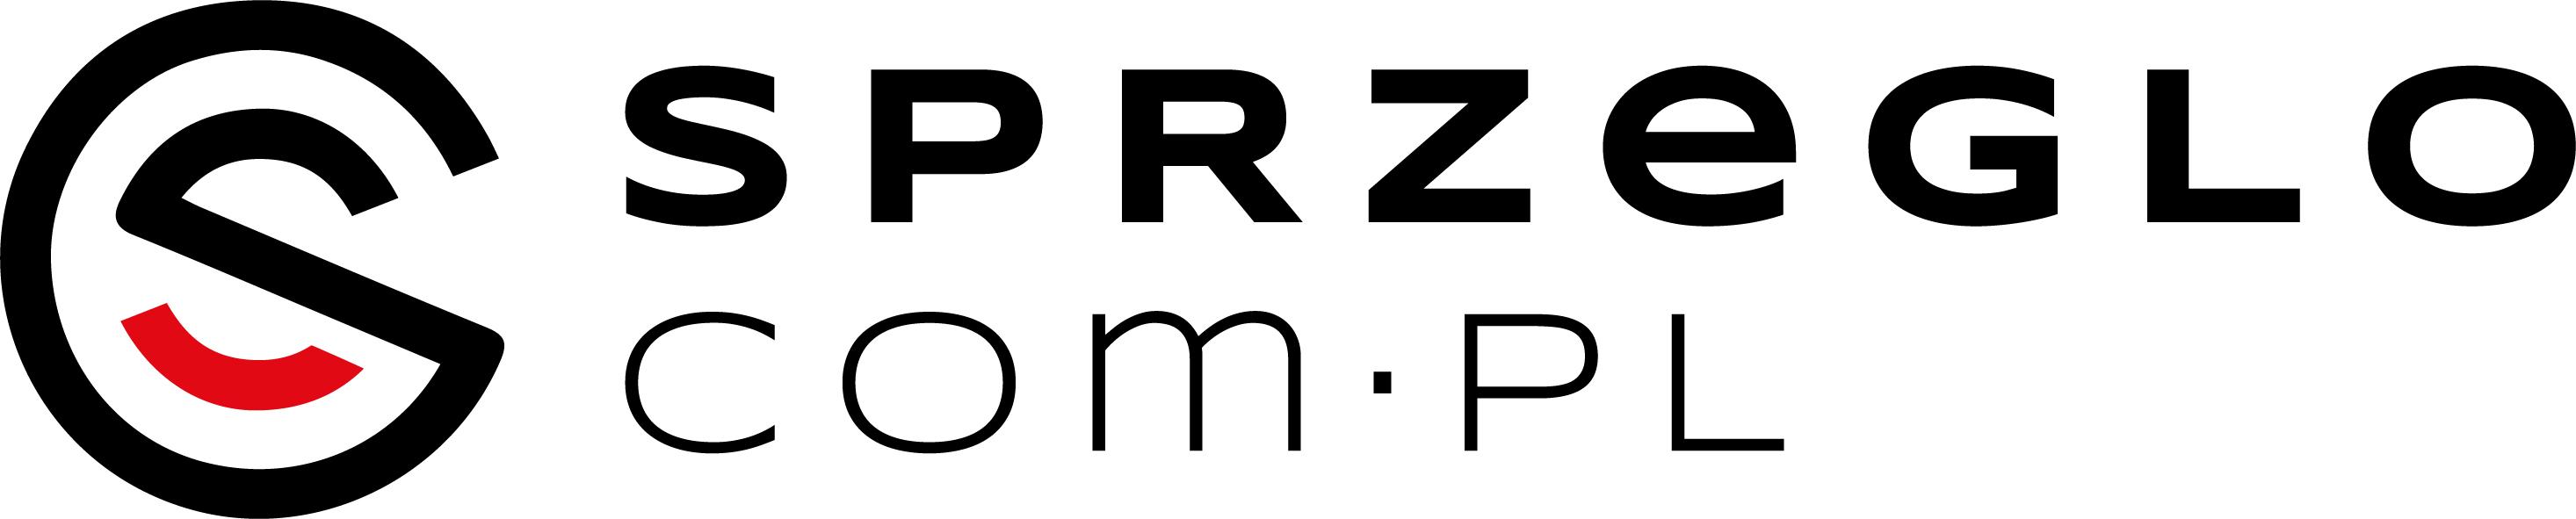 Opinie - Sprzeglo.com.pl